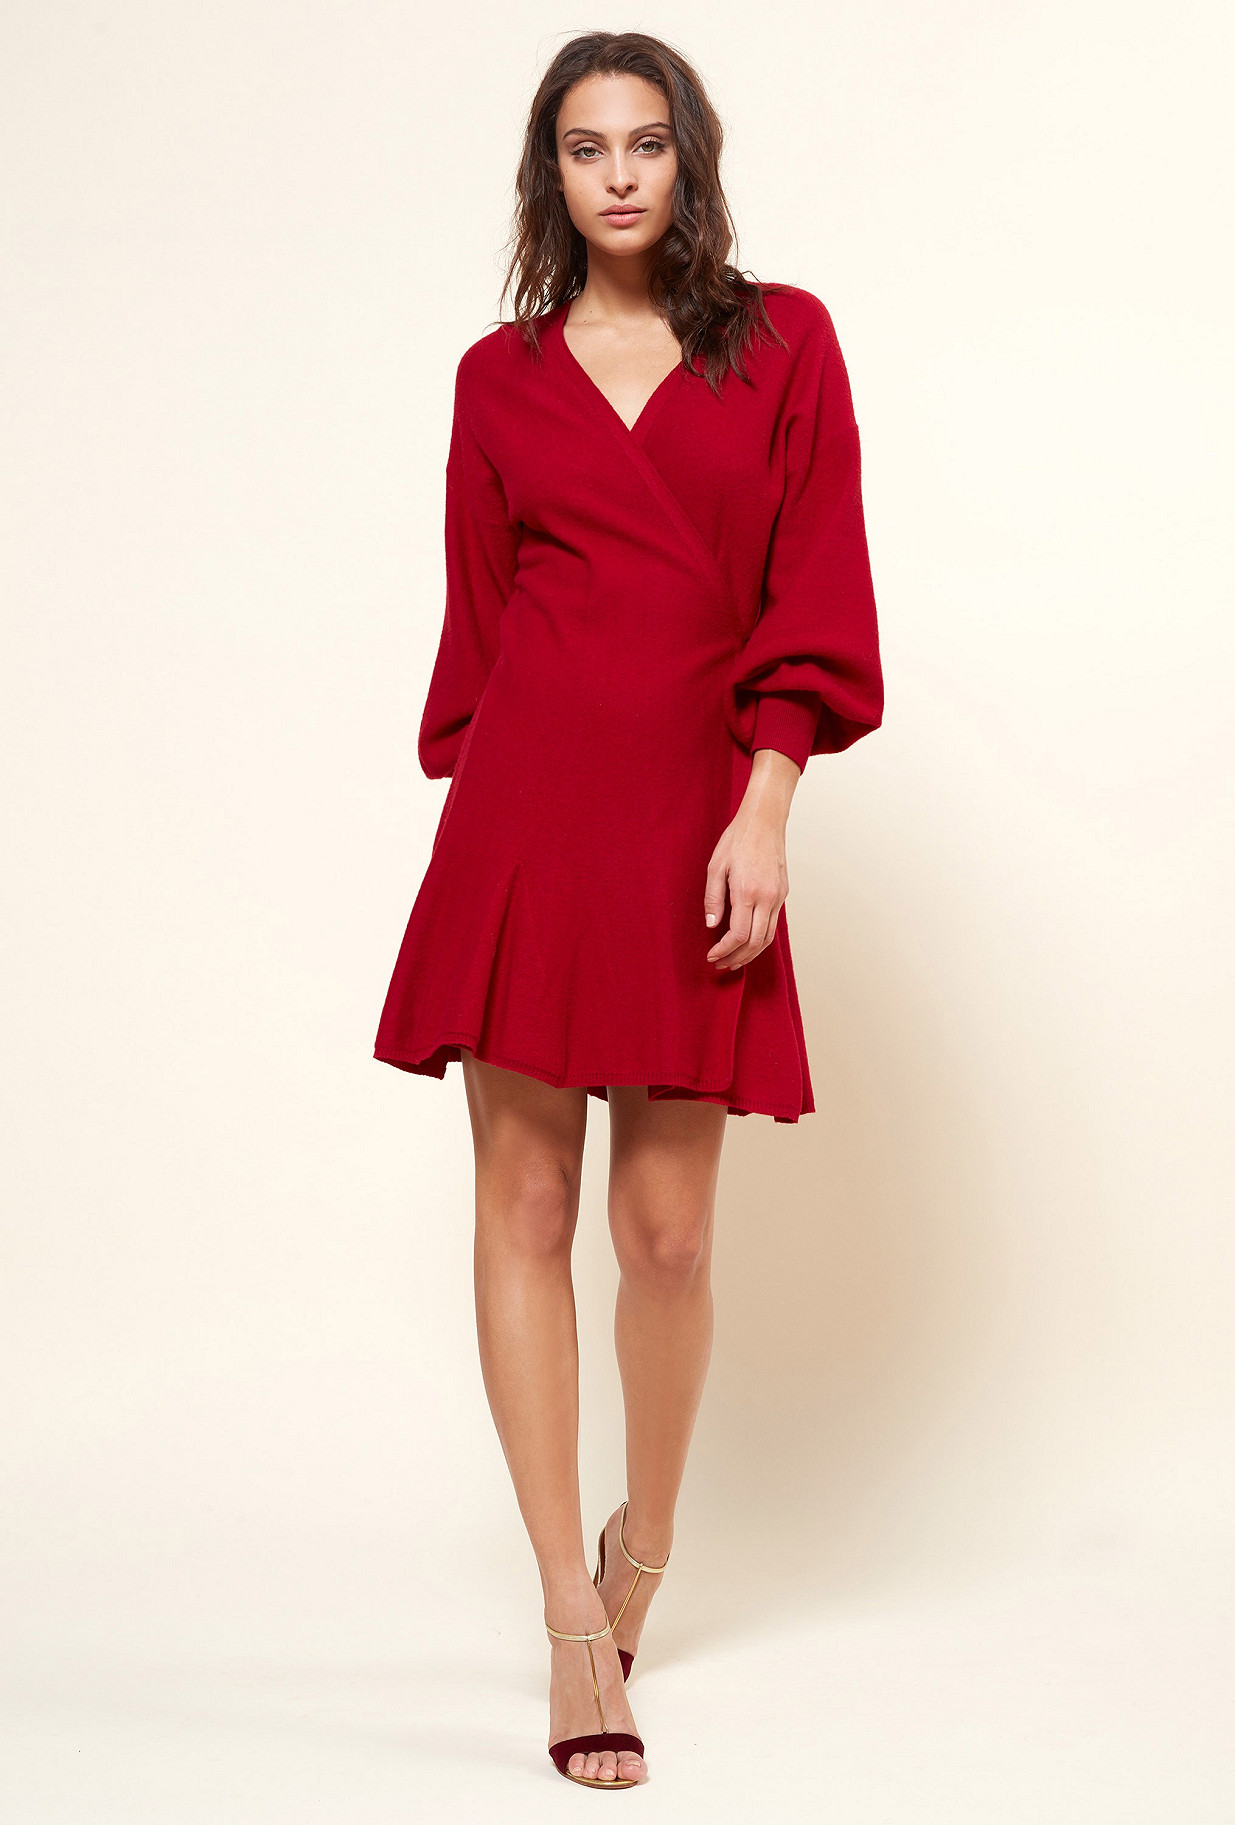 Paris clothes store Dress  Sevilla french designer fashion Paris